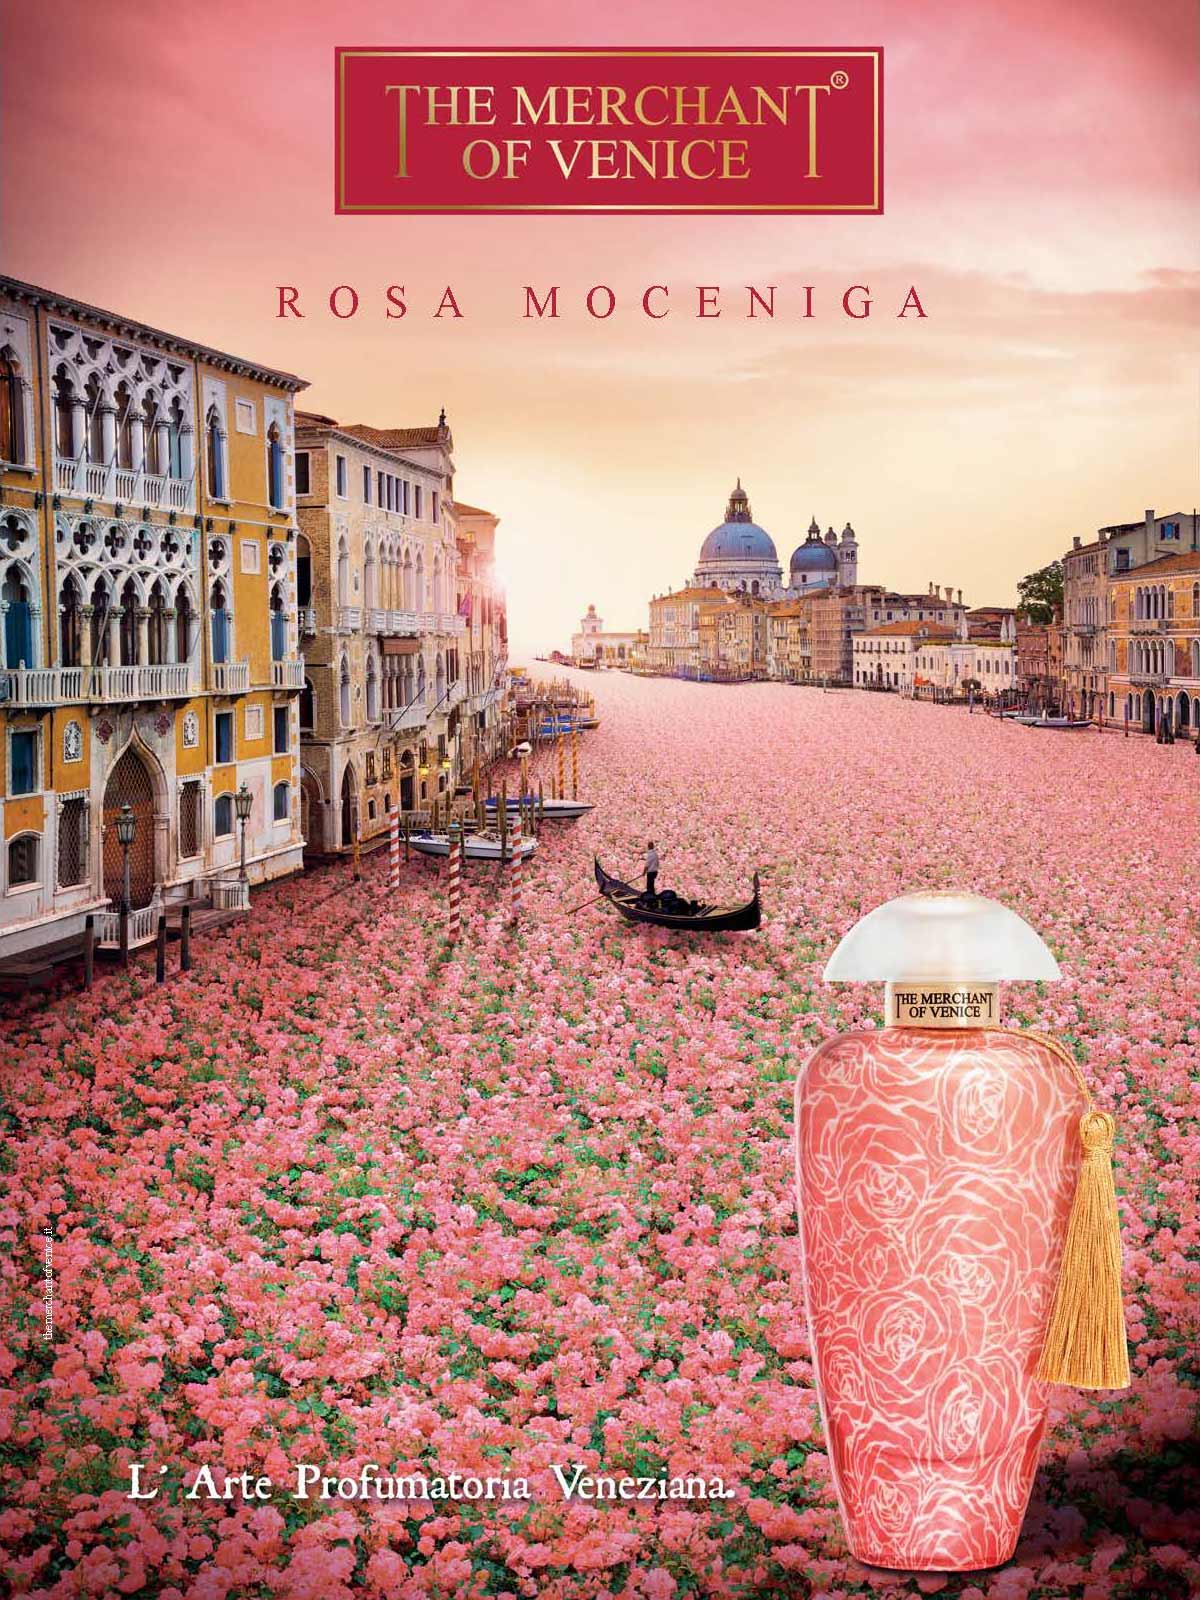 Ein Bild von einem The Merchant of Venice Produktvisual